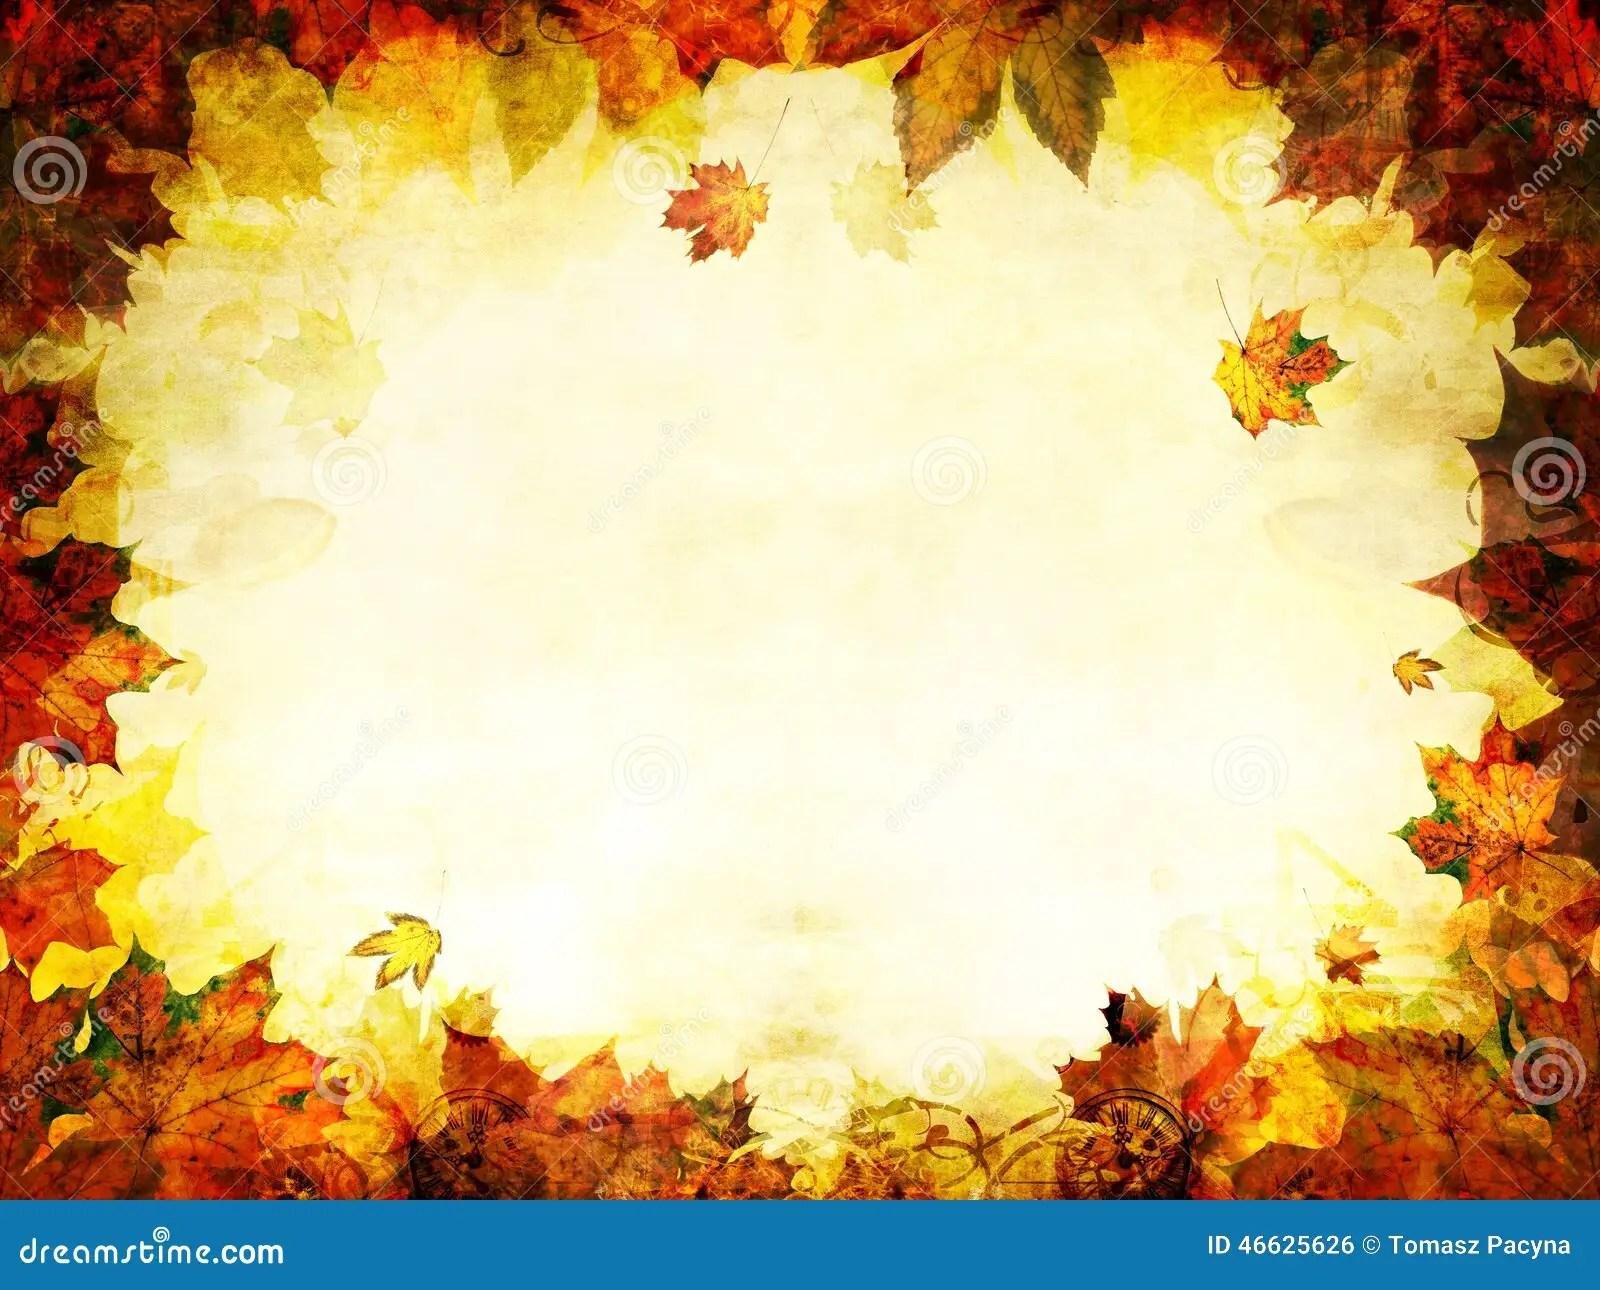 Free Fall Halloween Wallpaper Fondo De Oro Del Marco De Las Hojas De Oto 241 O Foto De